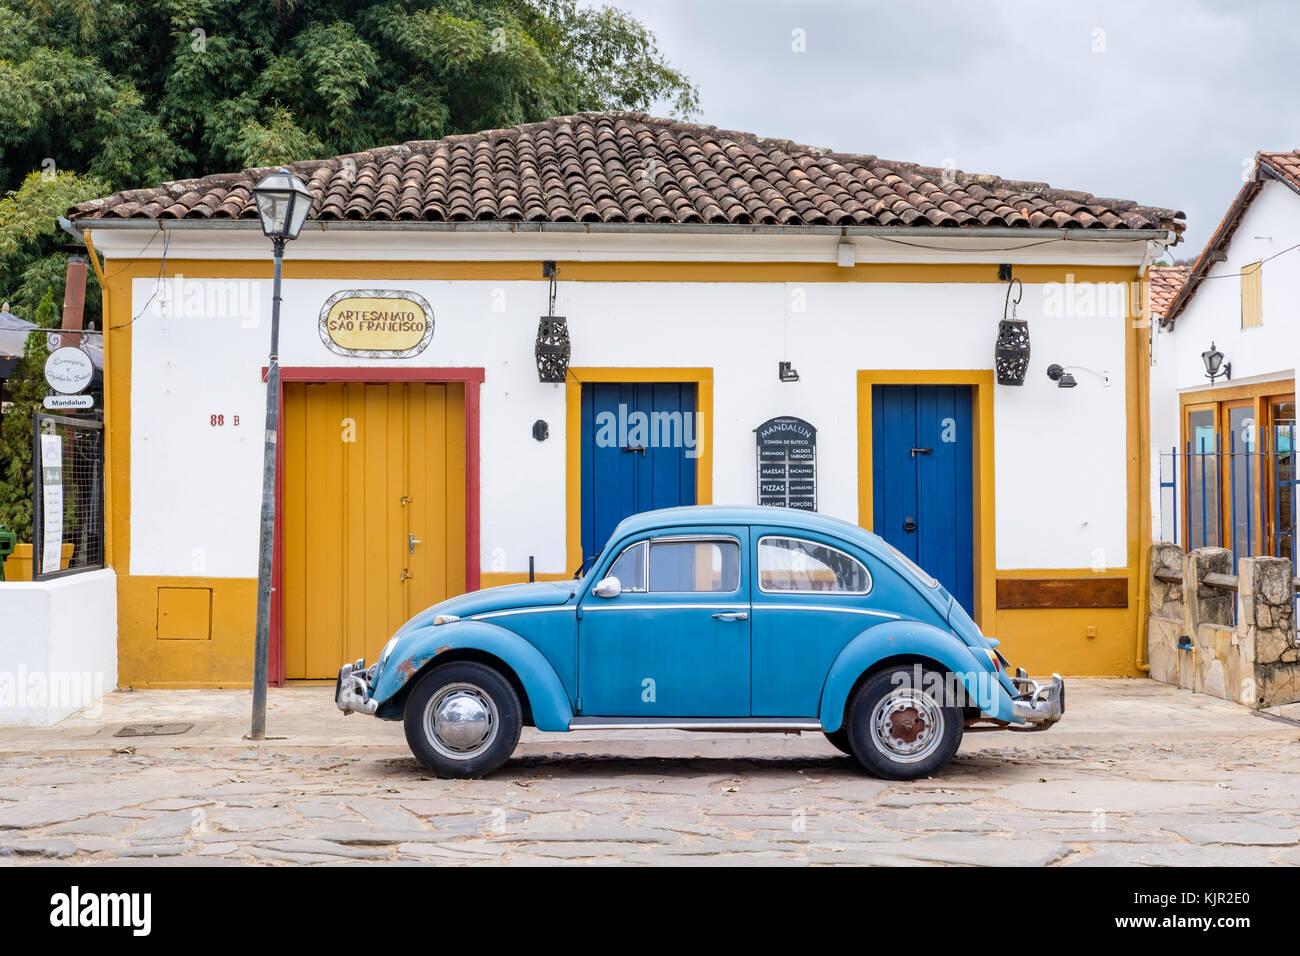 Maison coloniale jaune, bleu coccinelle Volkswagen, rue pavée, Tiradentes, Minas Gerais, Brésil. Banque D'Images